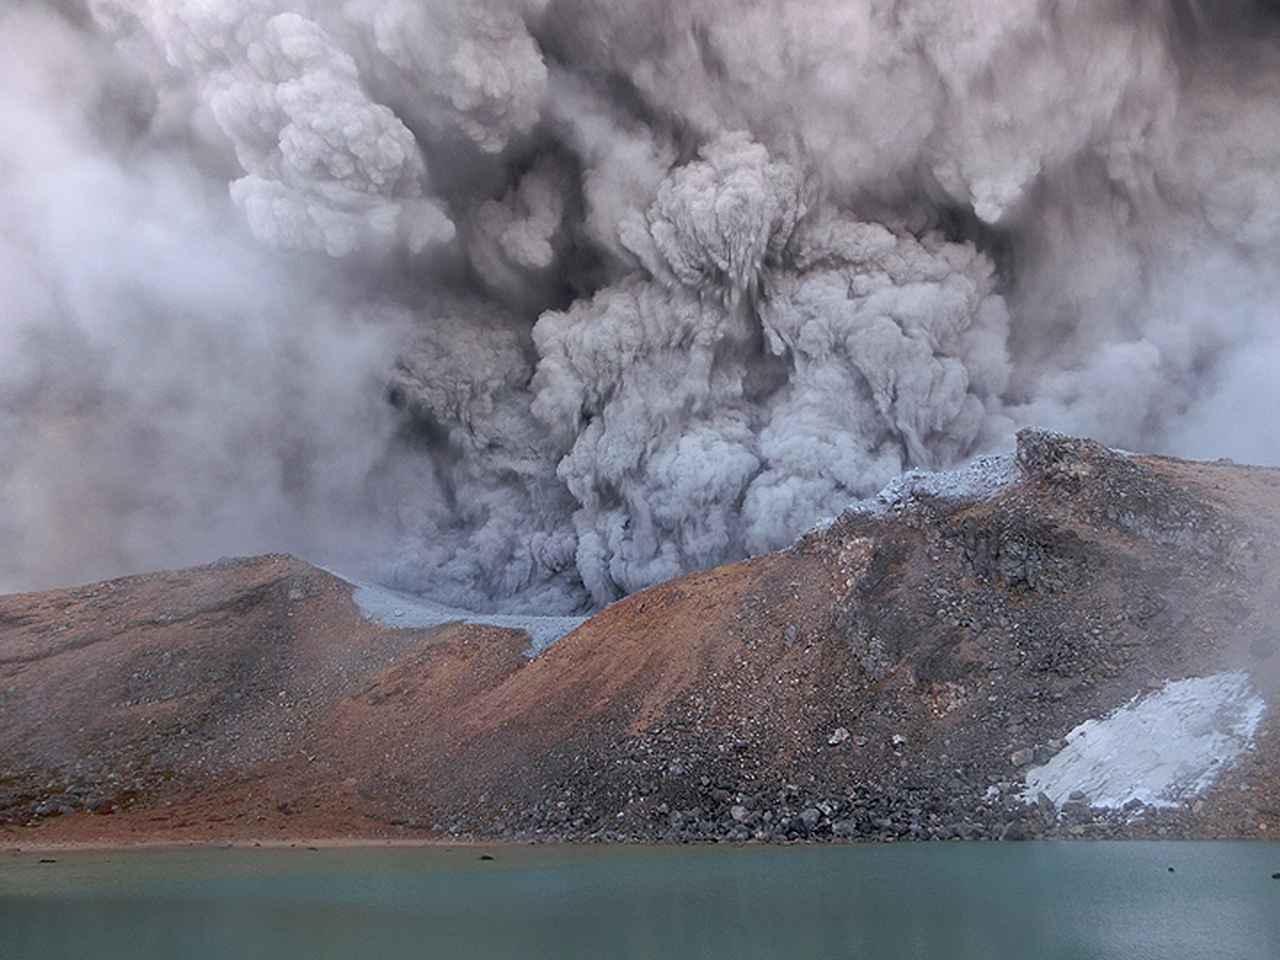 画像1: 御嶽山噴火当時の写真